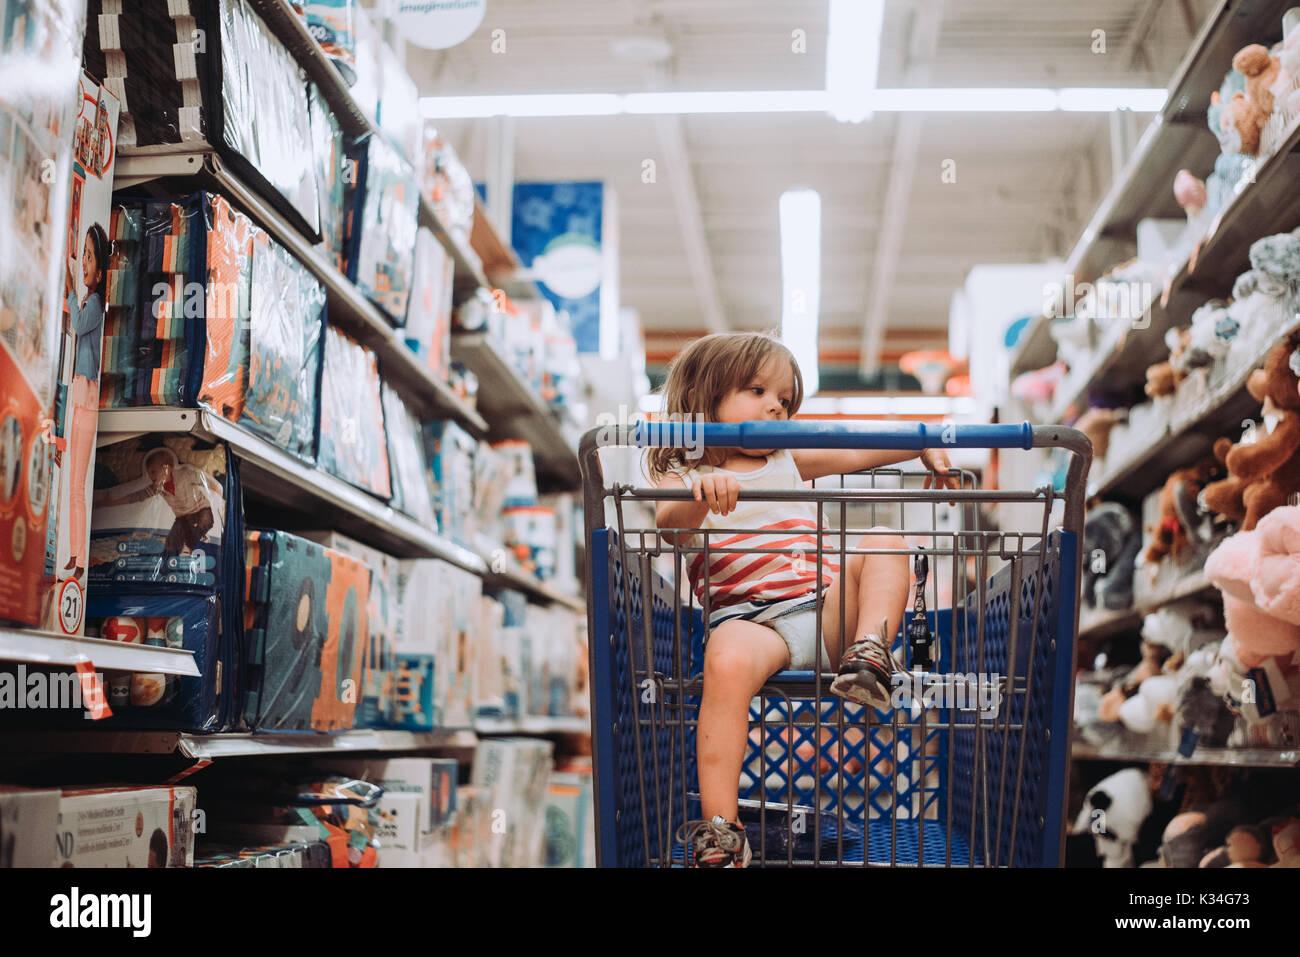 Un bambino si siede in un carrello di shopping in un negozio di giocattoli. Foto Stock